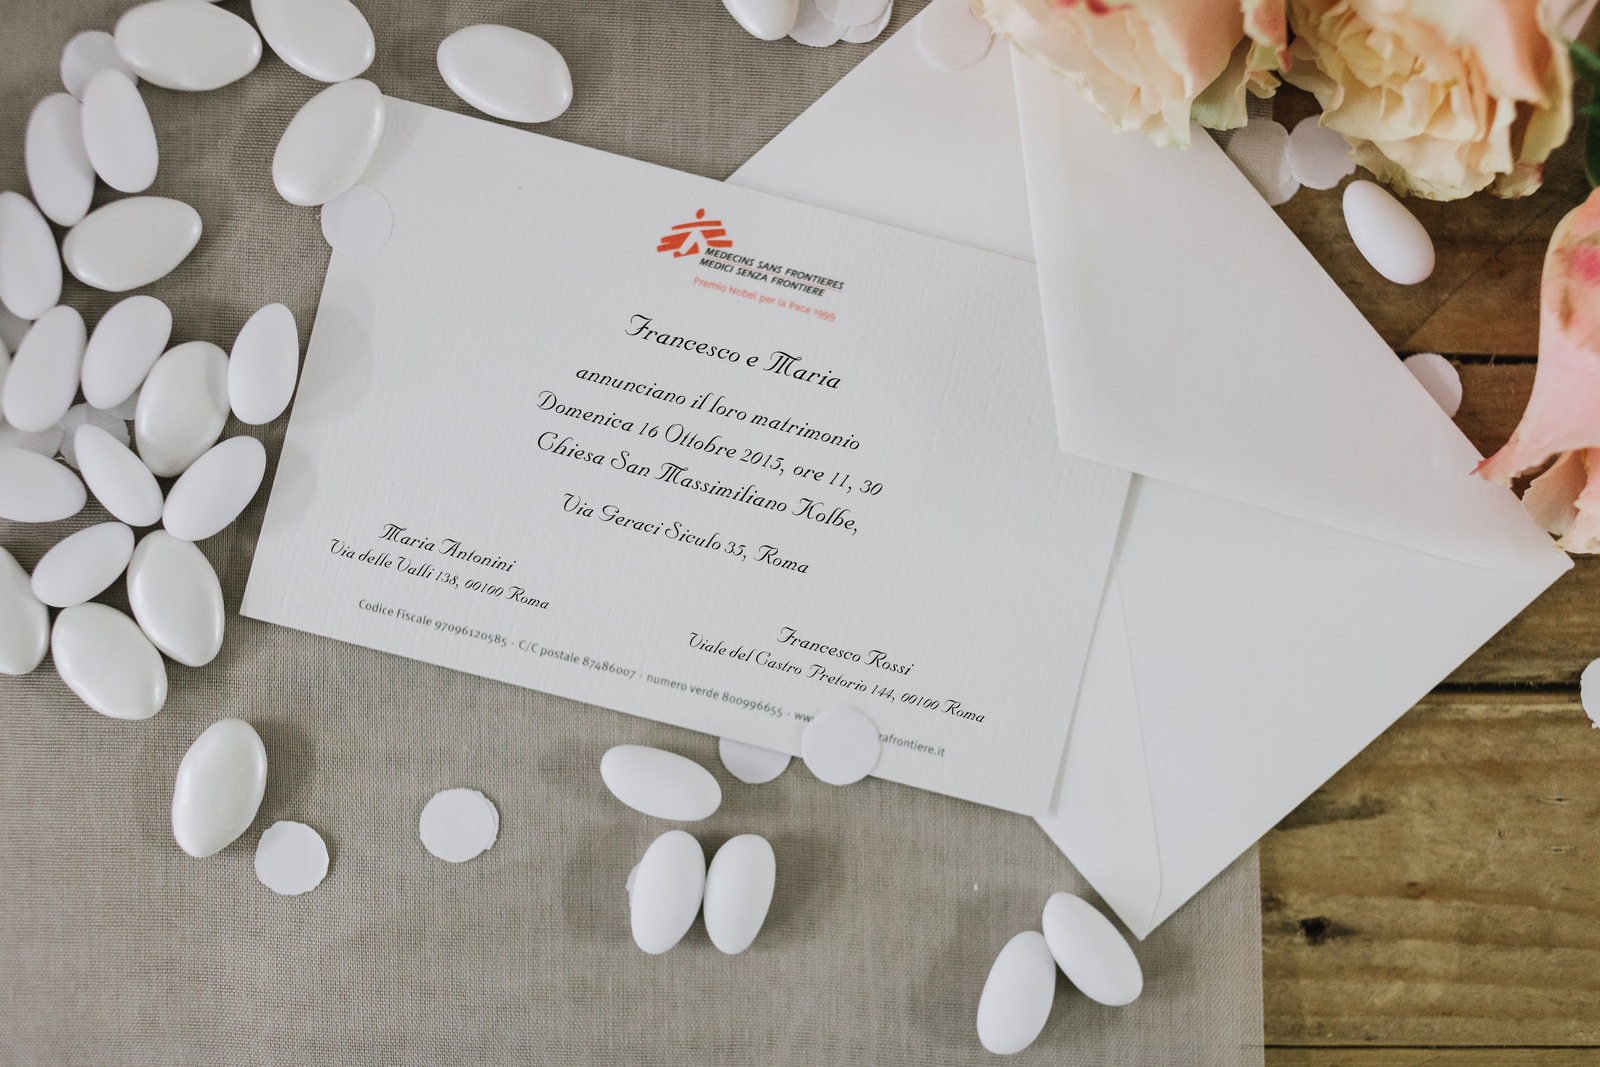 Partecipazioni Matrimonio Per Beneficenza.Partecipazione Con Busta Regali Solidali Medici Senza Frontiere